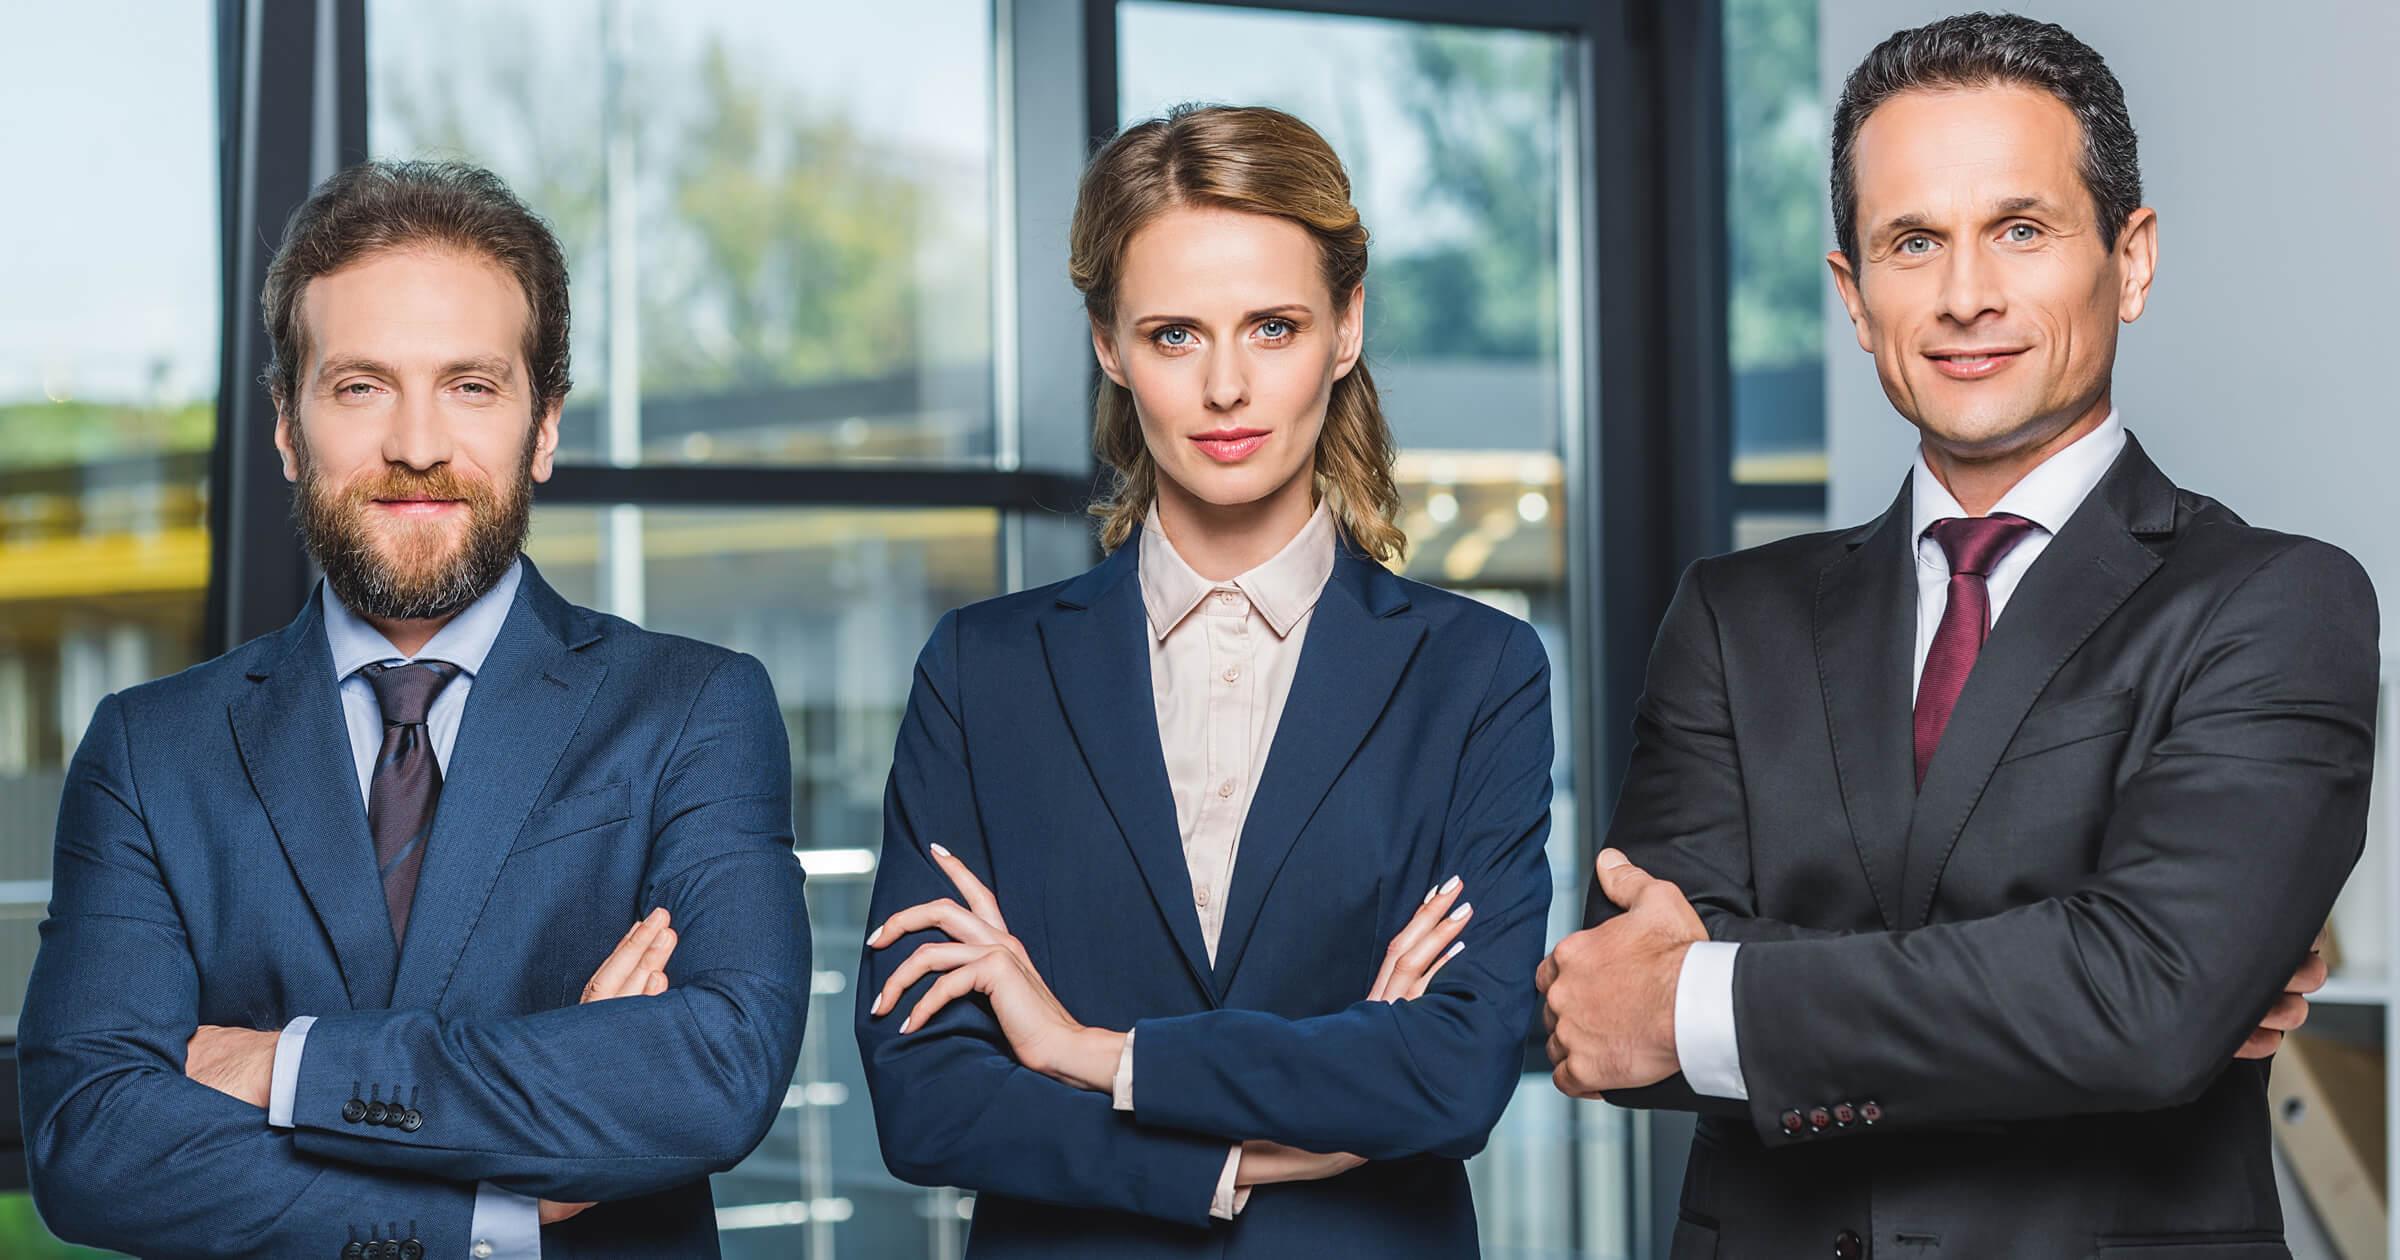 Kjemp for din riktige erstatning, advokatene Sandgrind og Ellefsen hjelper deg rettslig for en riktig erstatning.